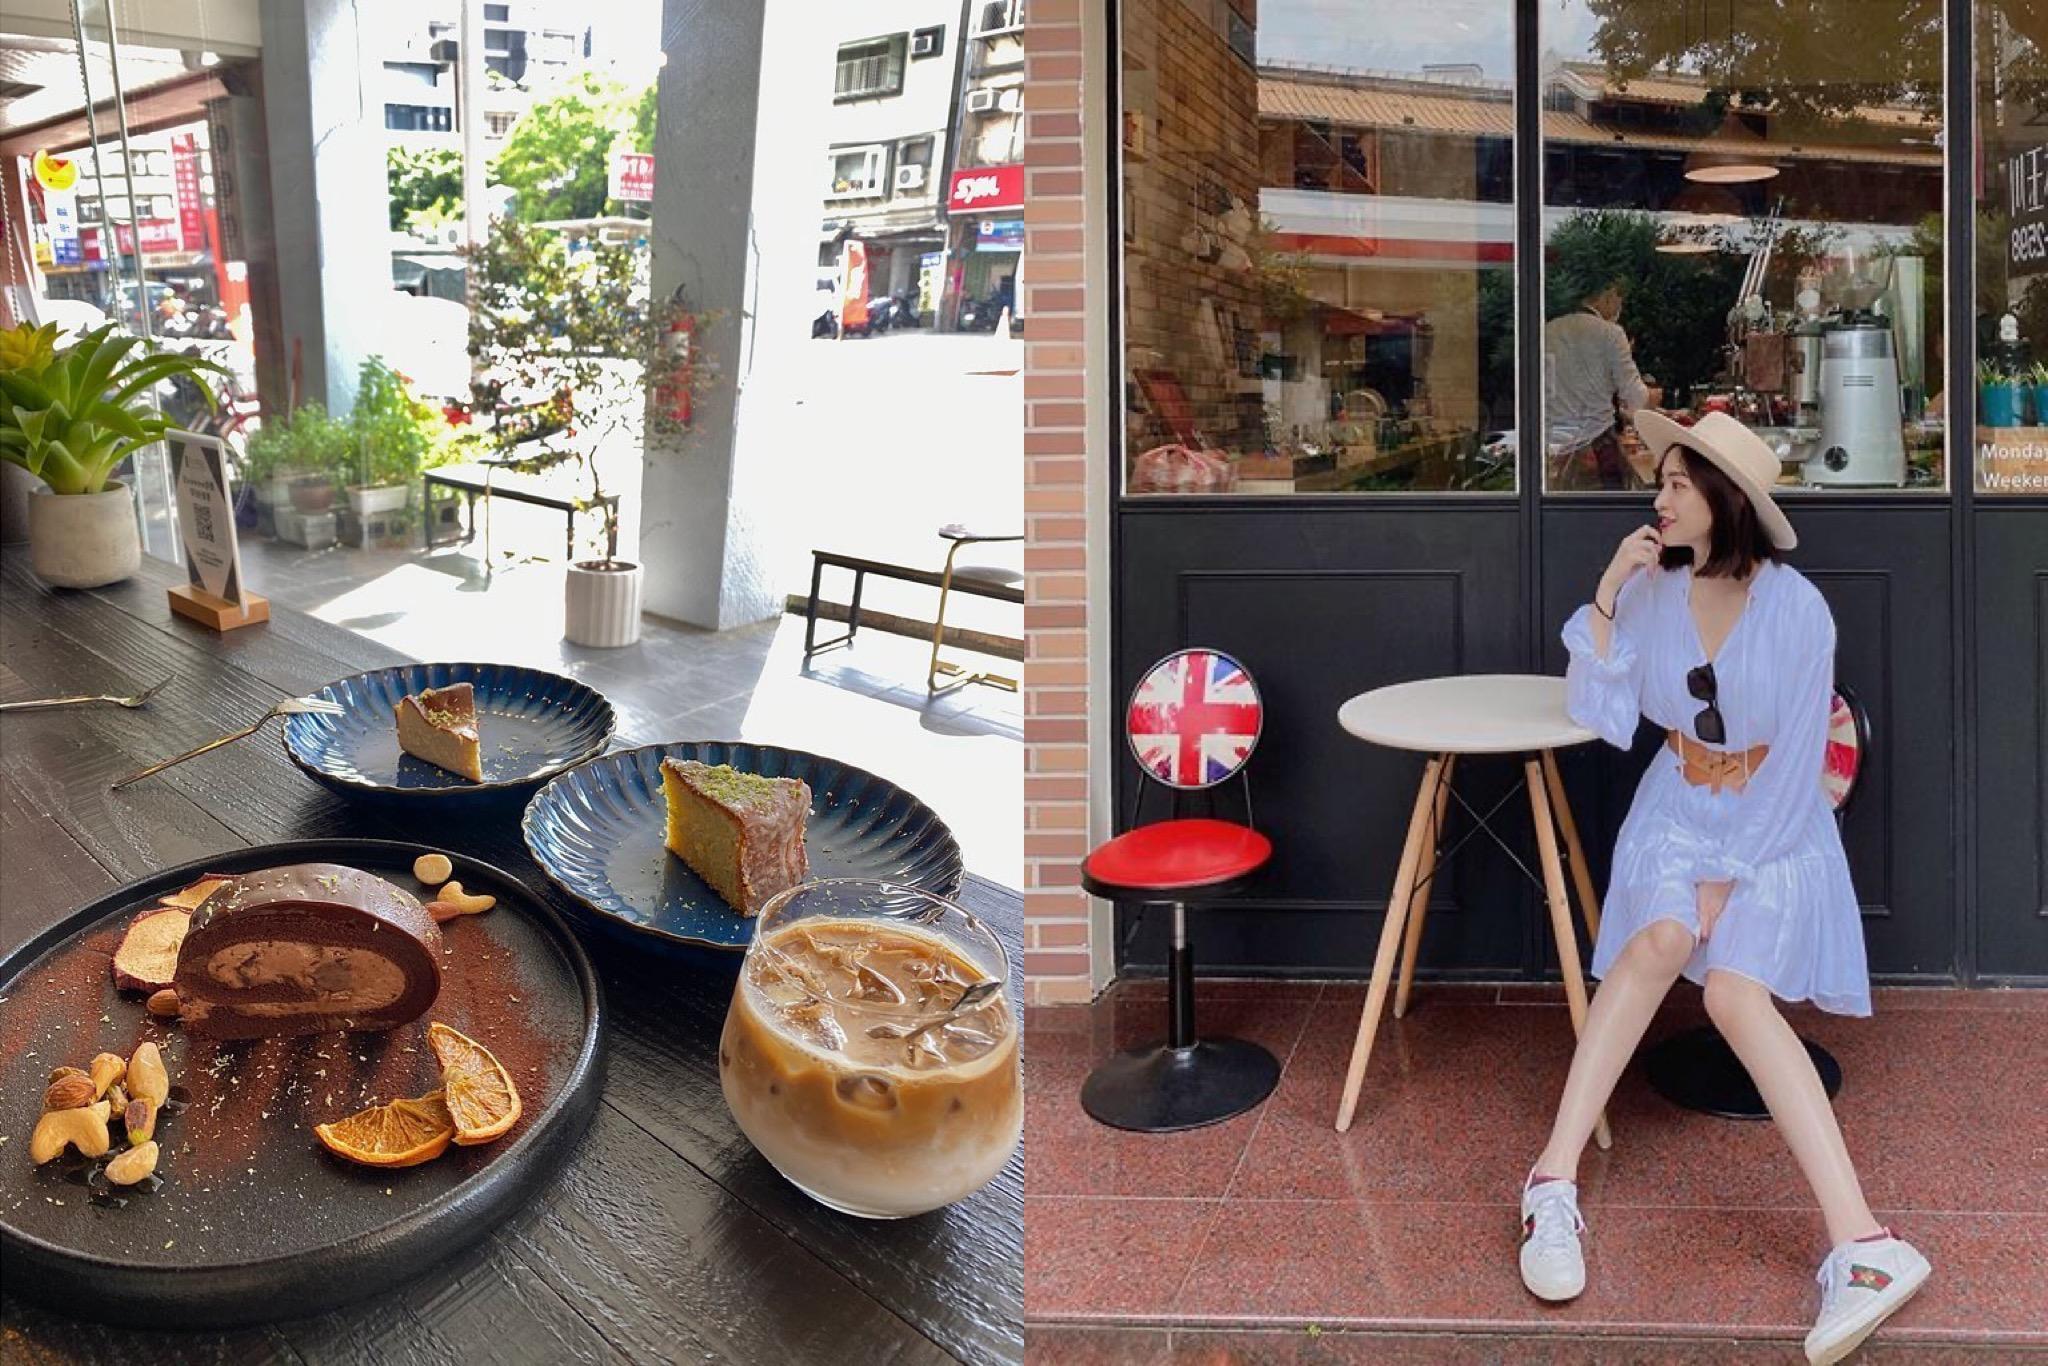 北投下午茶咖啡廳 | 精選北投9間高評價咖啡廳、下午茶聚餐首選熱門打卡店